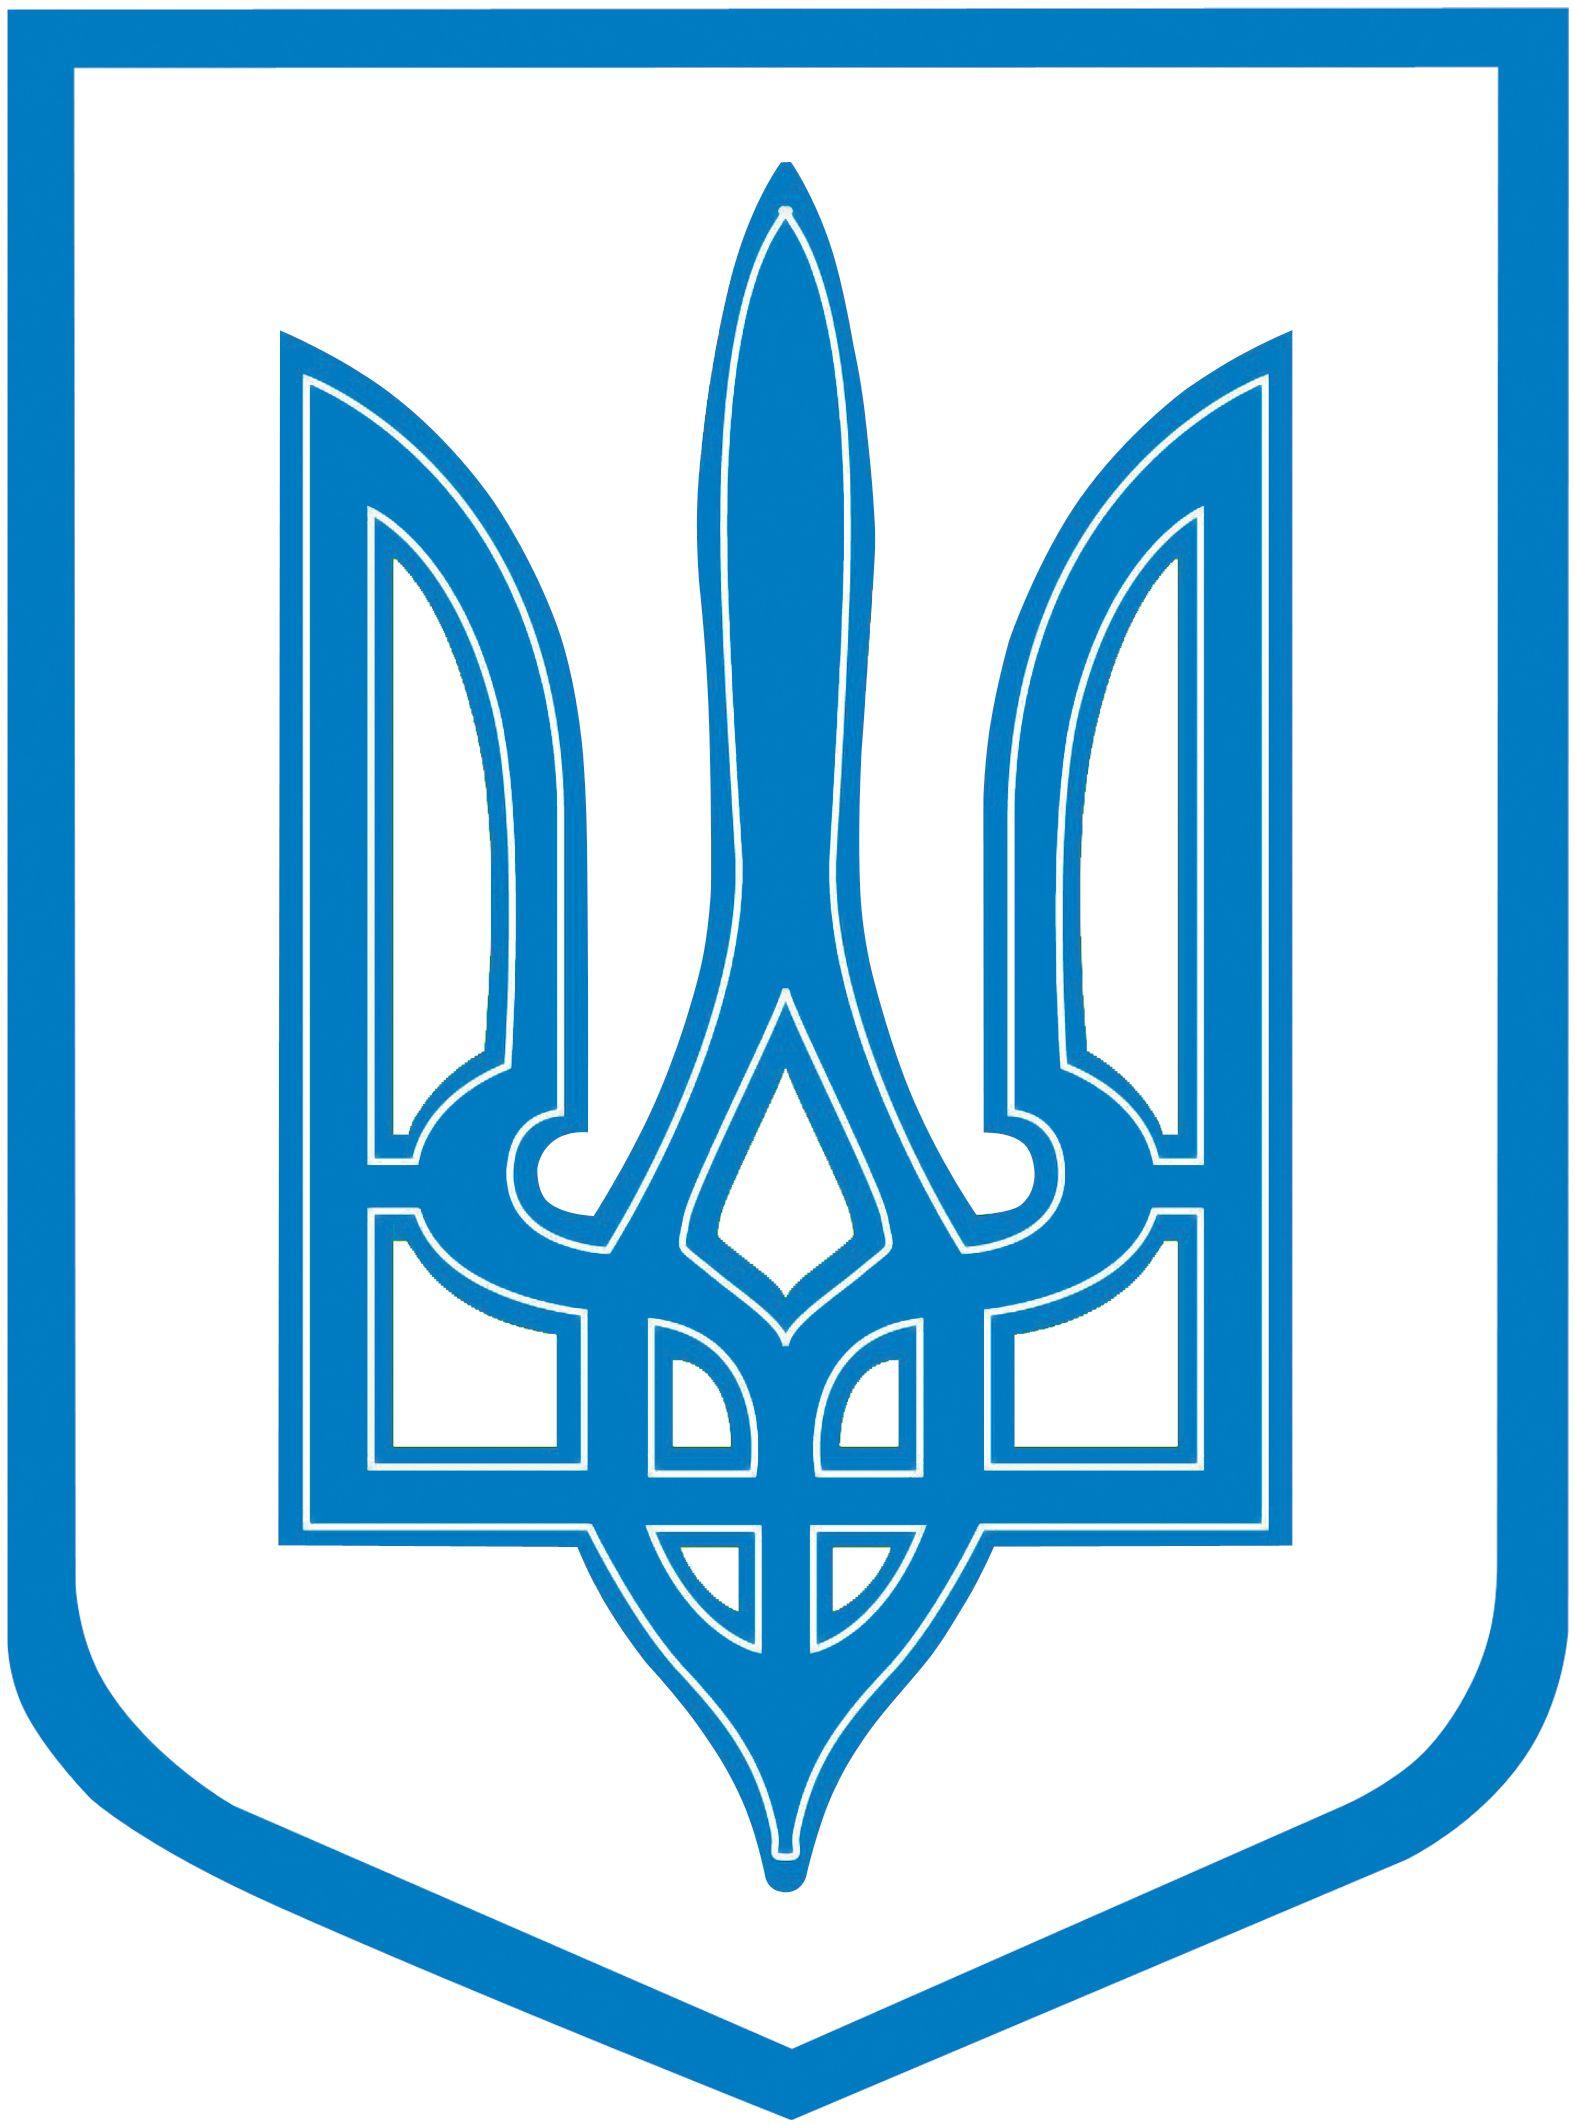 Герб Украины   Герб, Кельтские узлы, Украина